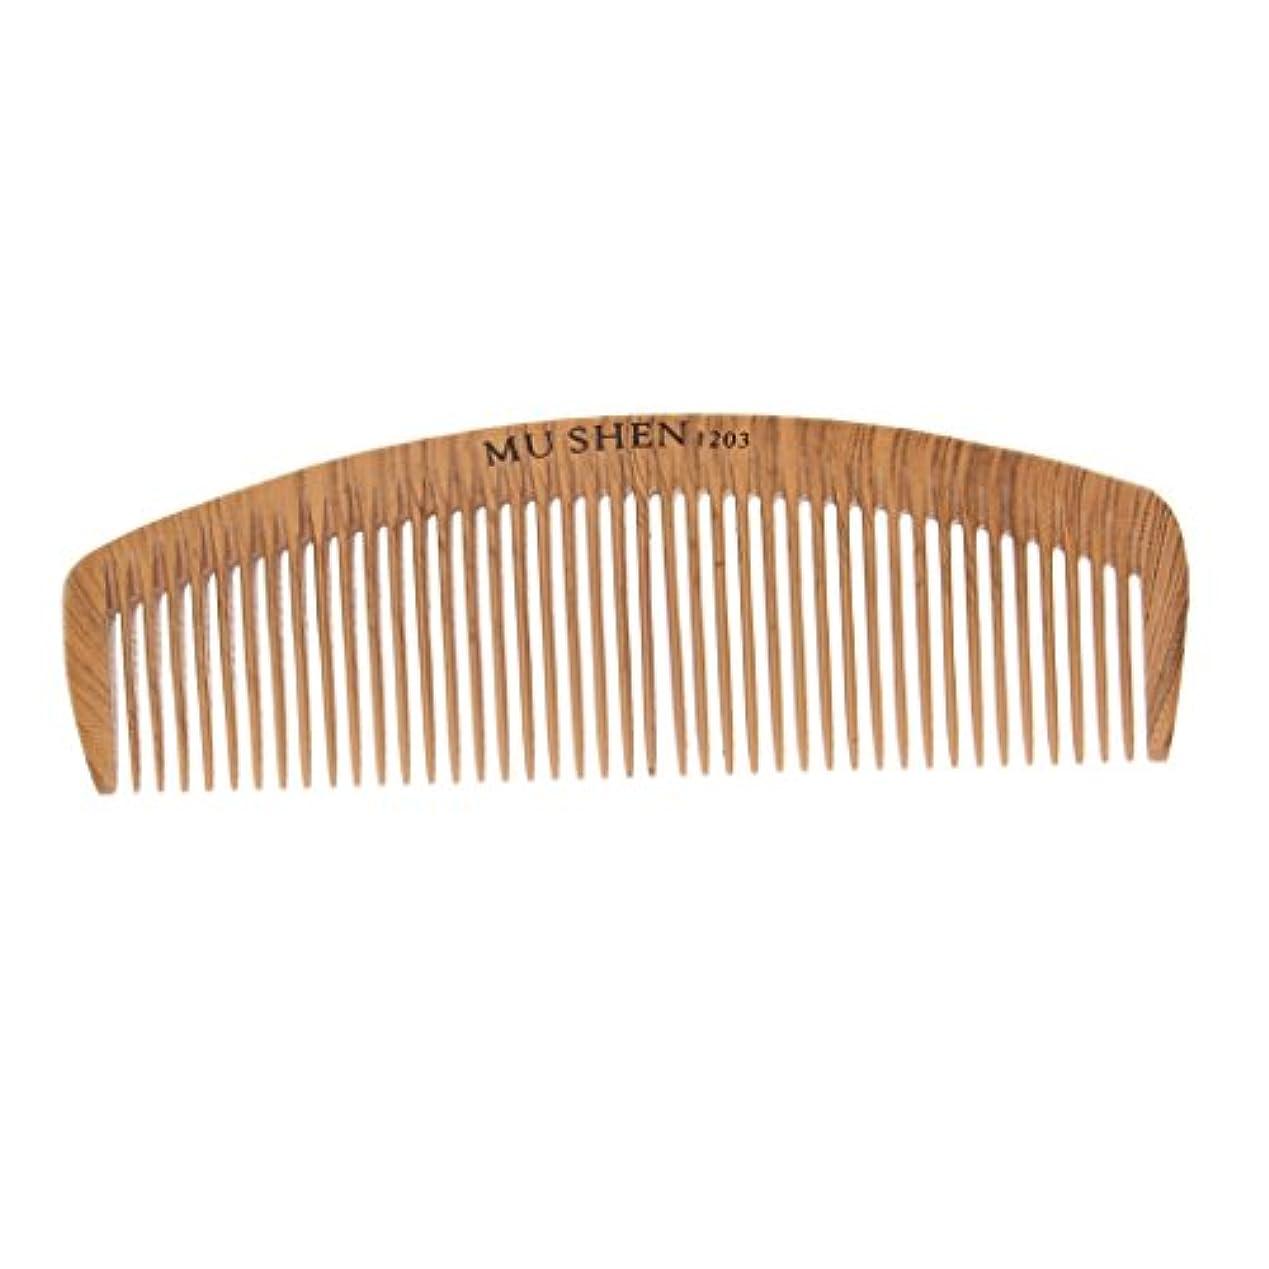 ワーディアンケース戦略ラウズ帯電防止ウッドサロン床屋ヘアスタイリング理髪切削くしヘアブラシ - 1203